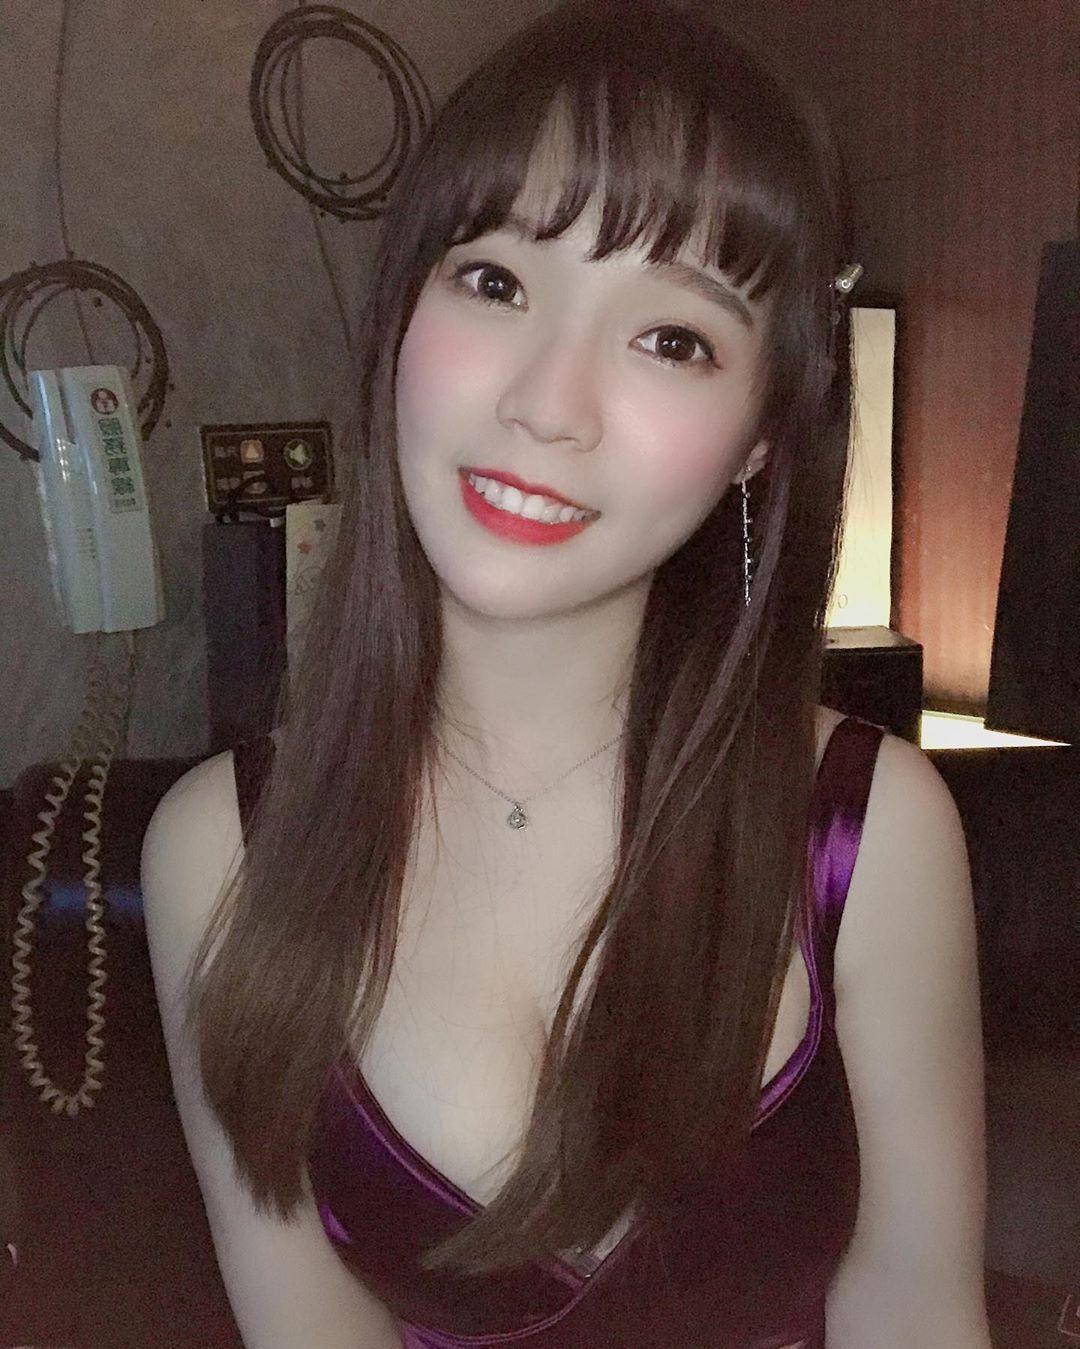 白嫩系正妹「妍妍Yuni」骨感美体太撩人,「饱满」造福广大男性!-新图包